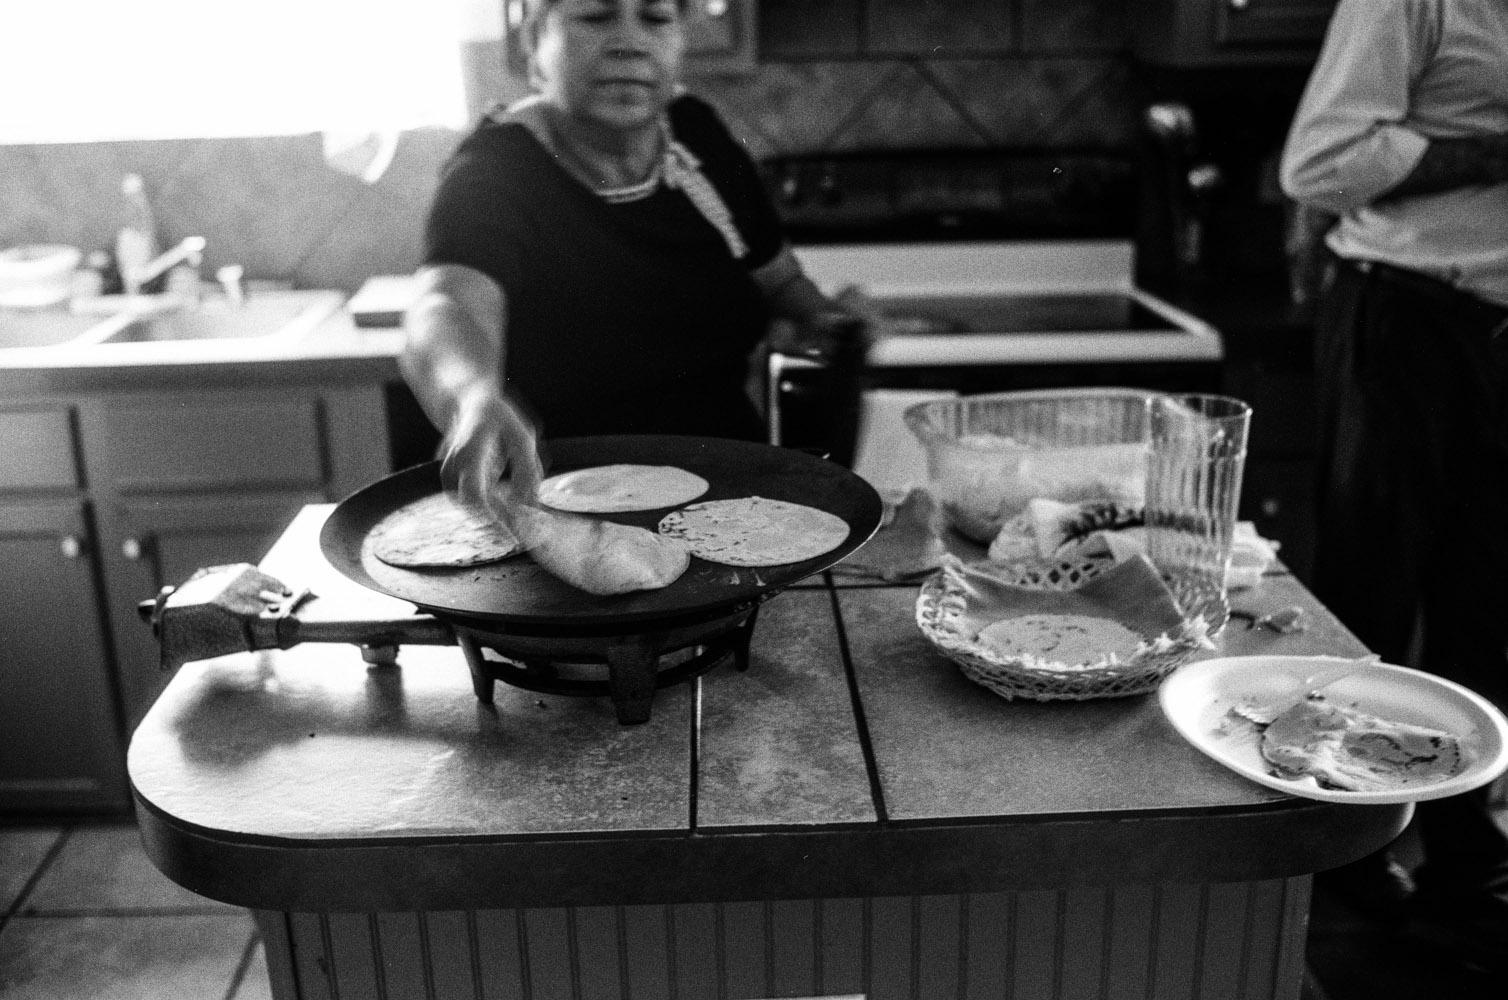 chela_making_tortillas_1.jpg